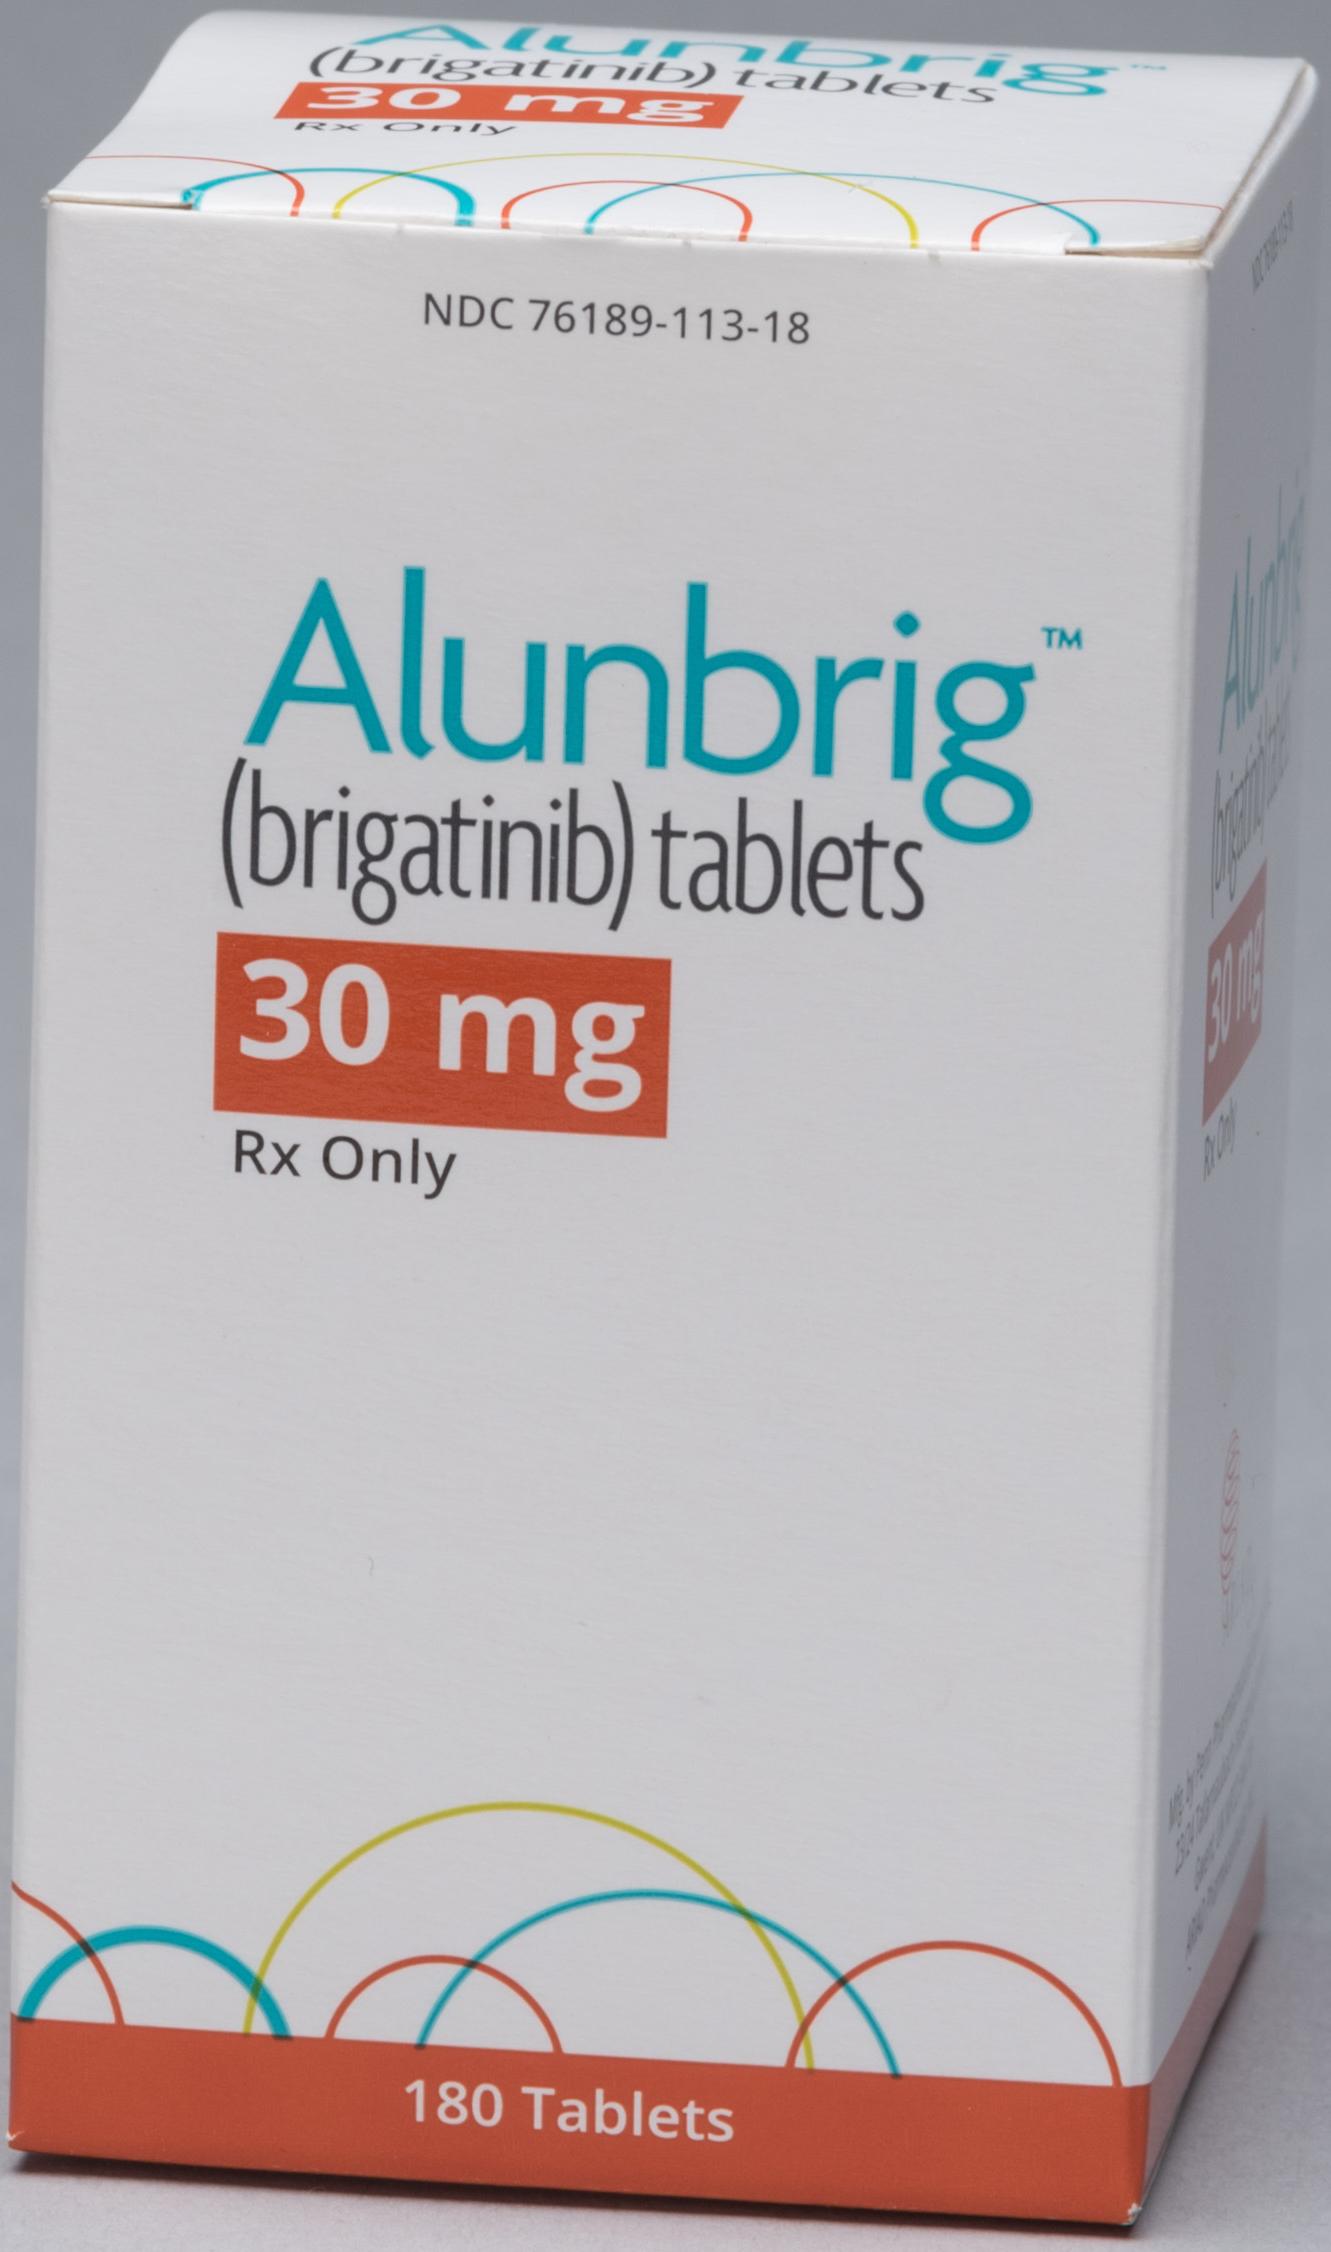 Упаковка препарата «Аланбриг» (Alunbrig, бригатиниб).